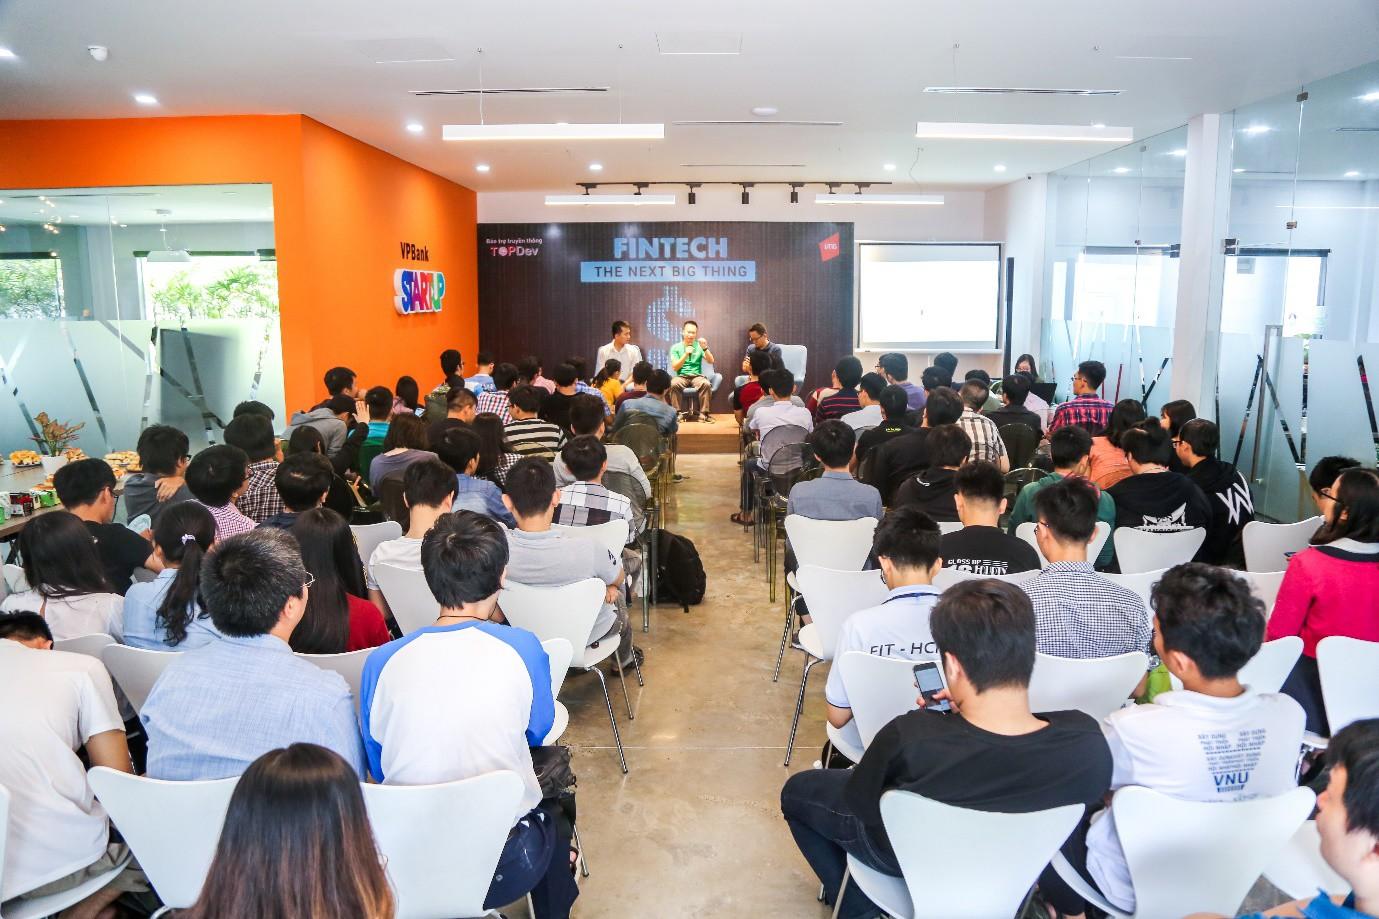 Sau Blockchain, Bitcoin, sinh viên Việt Nam làm gì để bắt kịp làn sóng Fintech? - Ảnh 2.